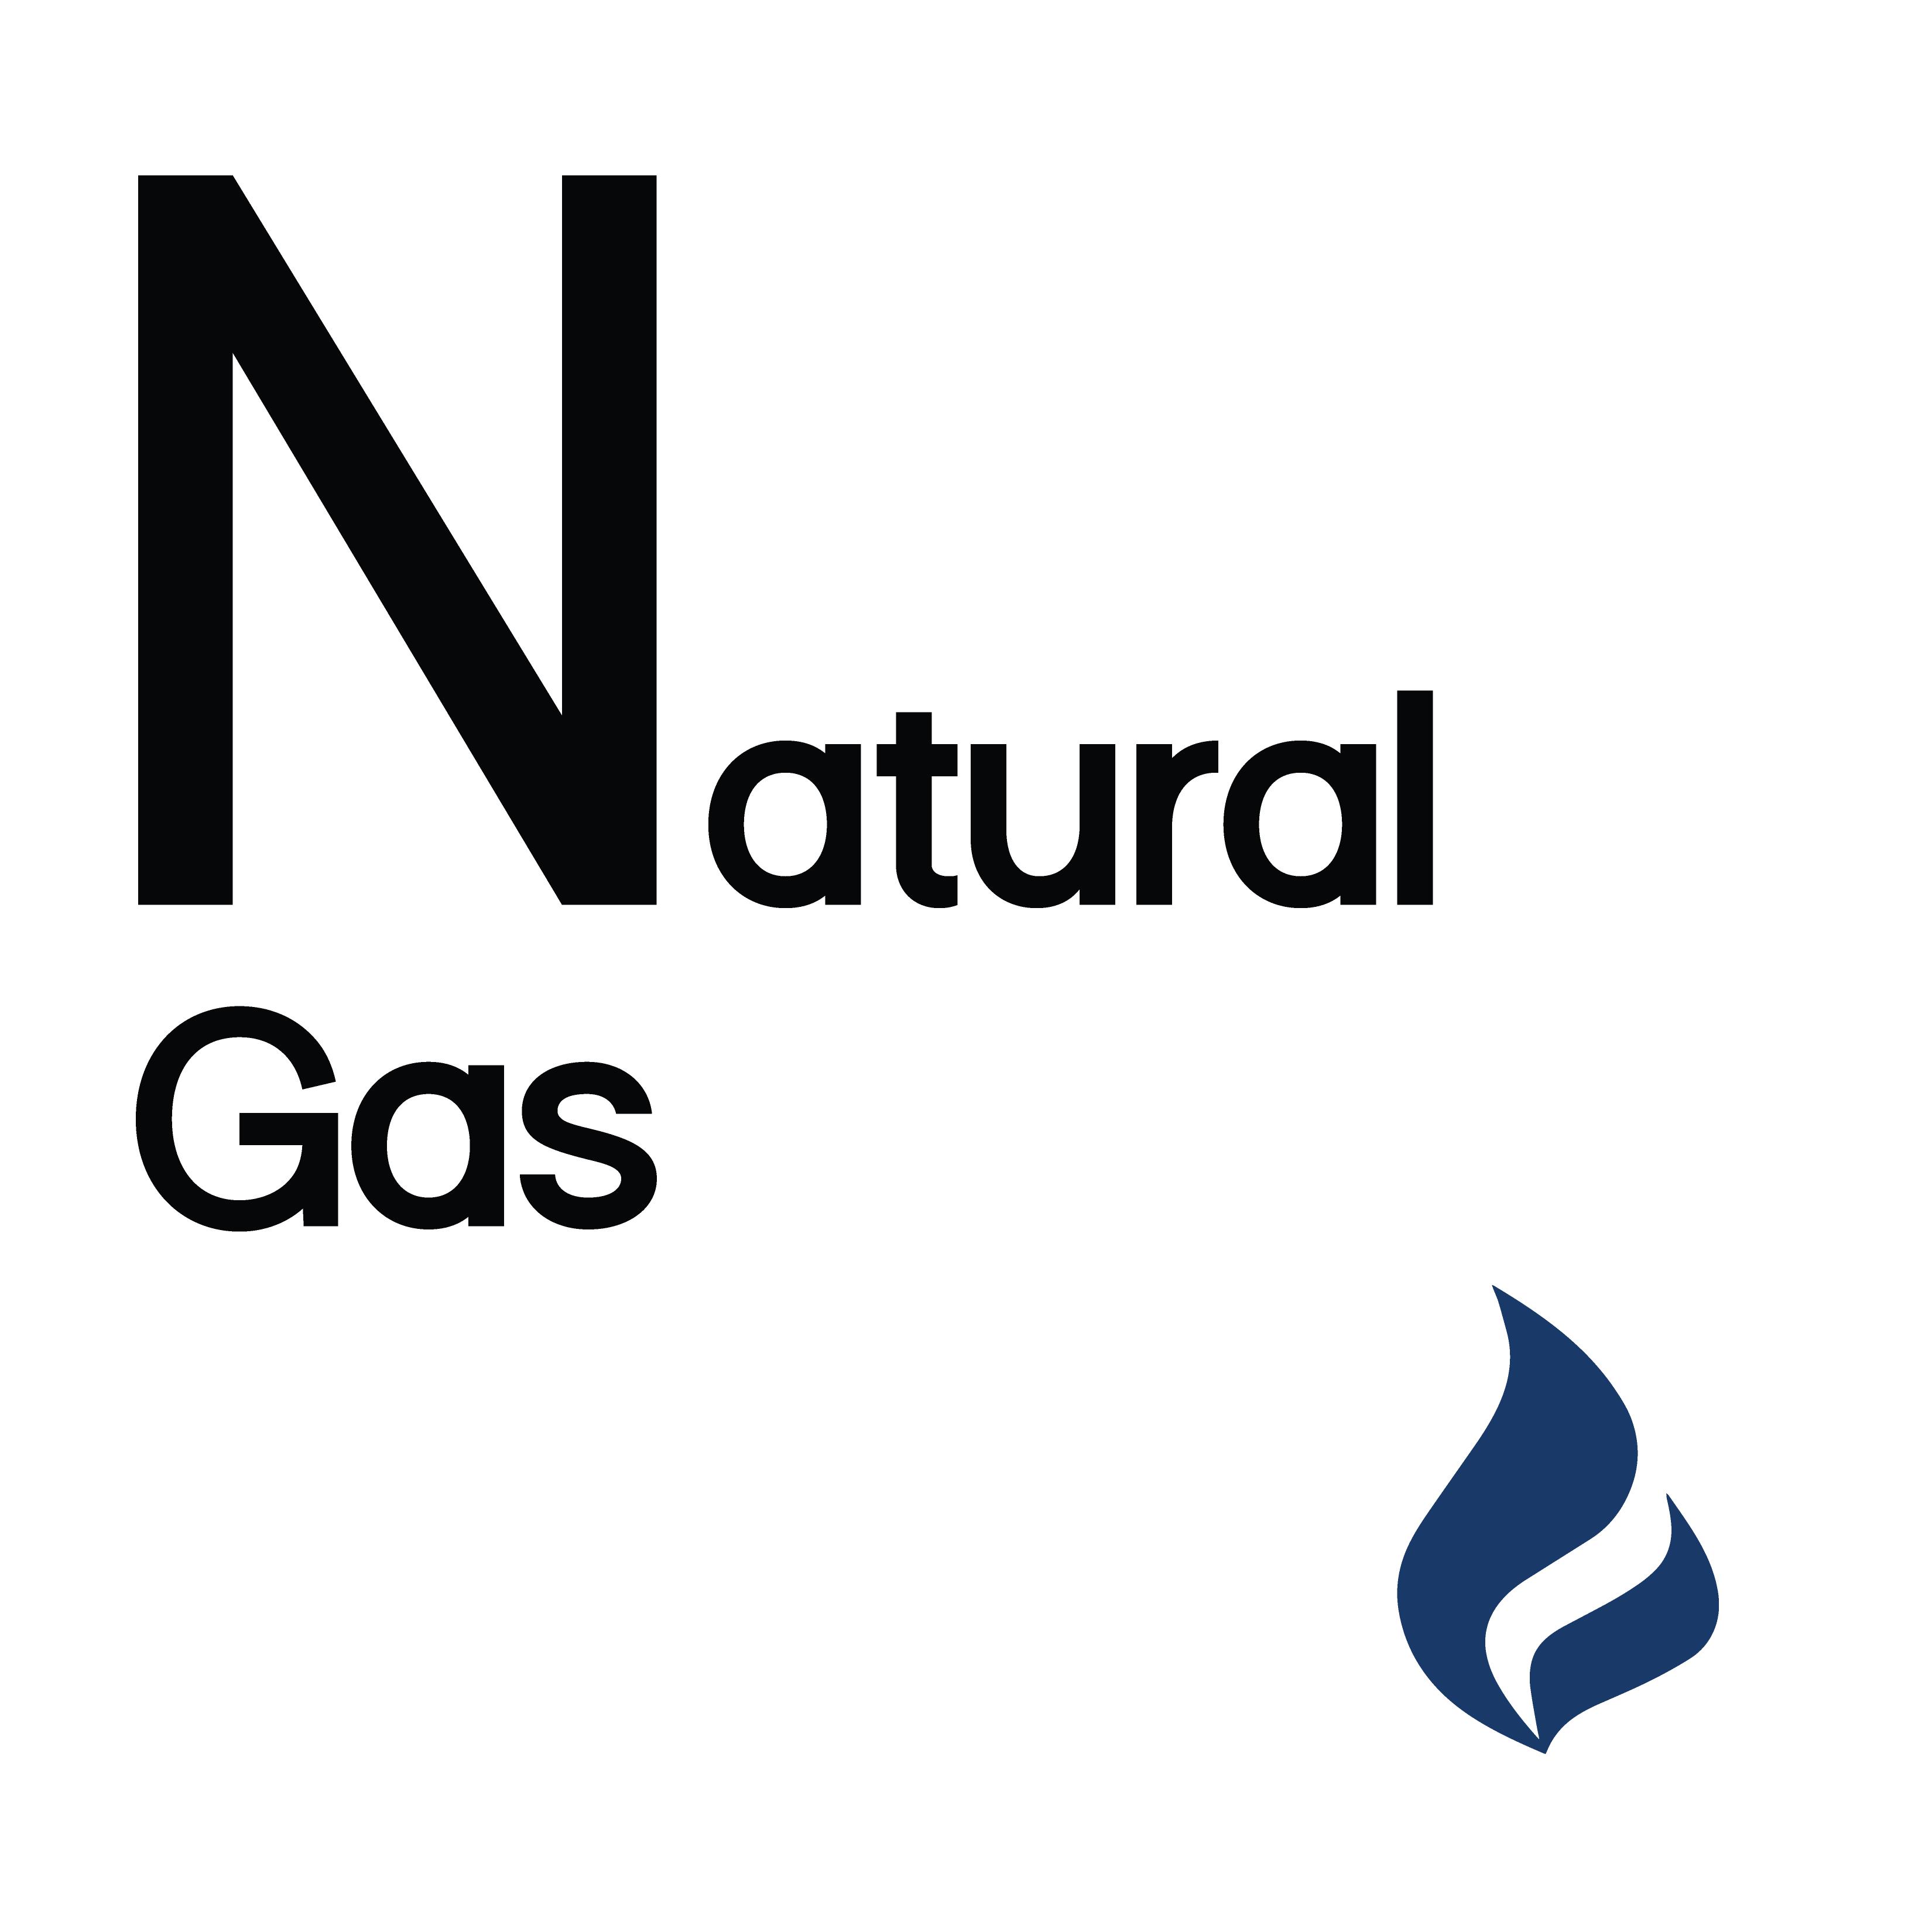 Natural Gas-01